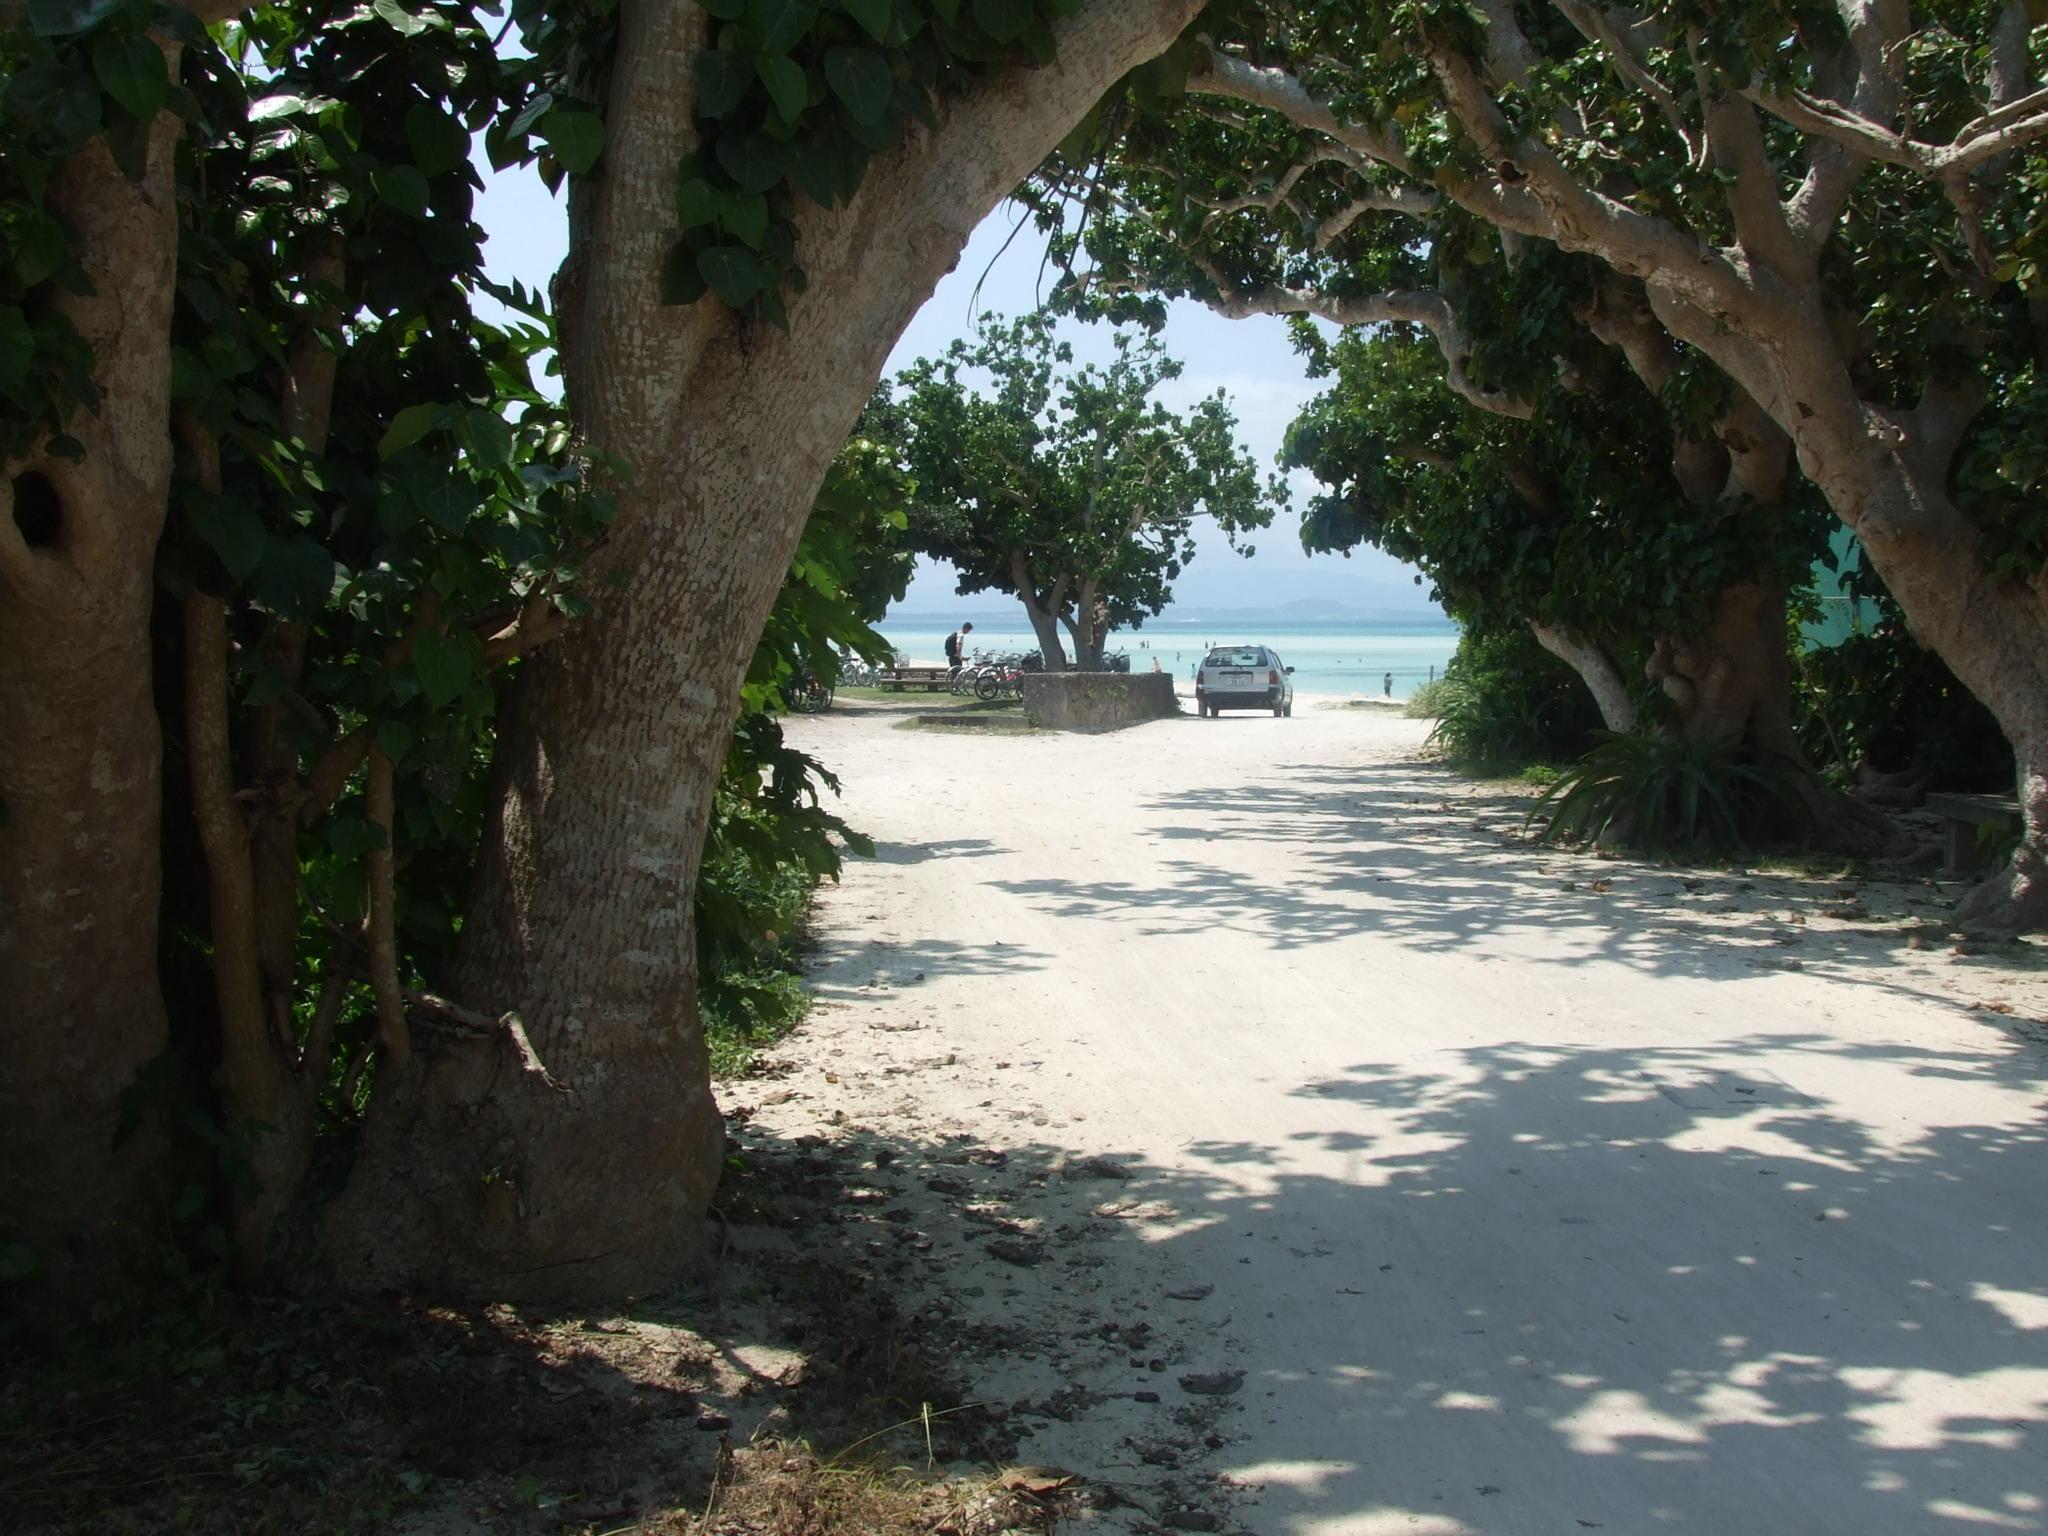 コンドイビーチ(竹富島)